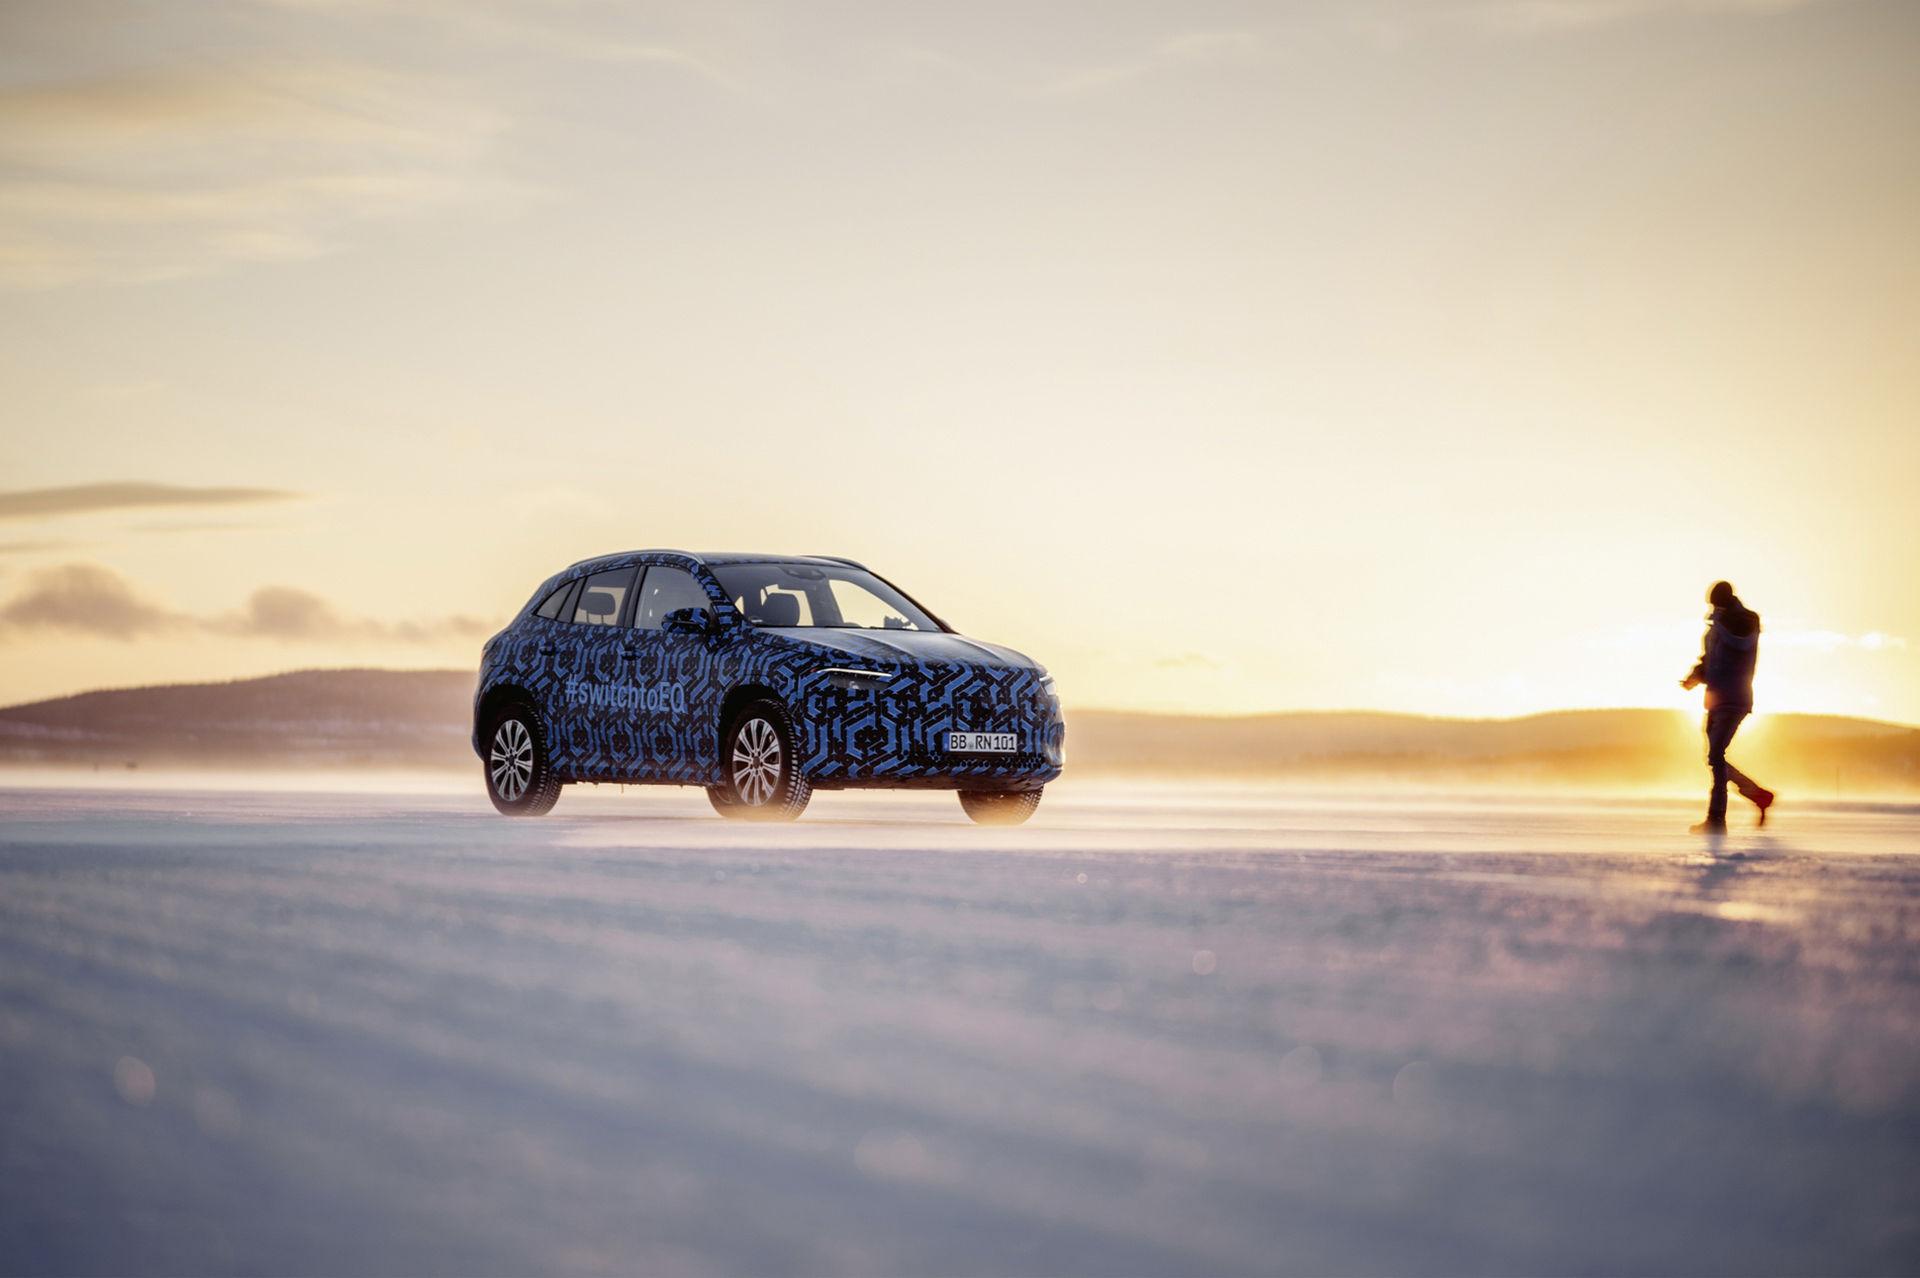 Mercedes släpper teaserbilder på deras nästa elbil